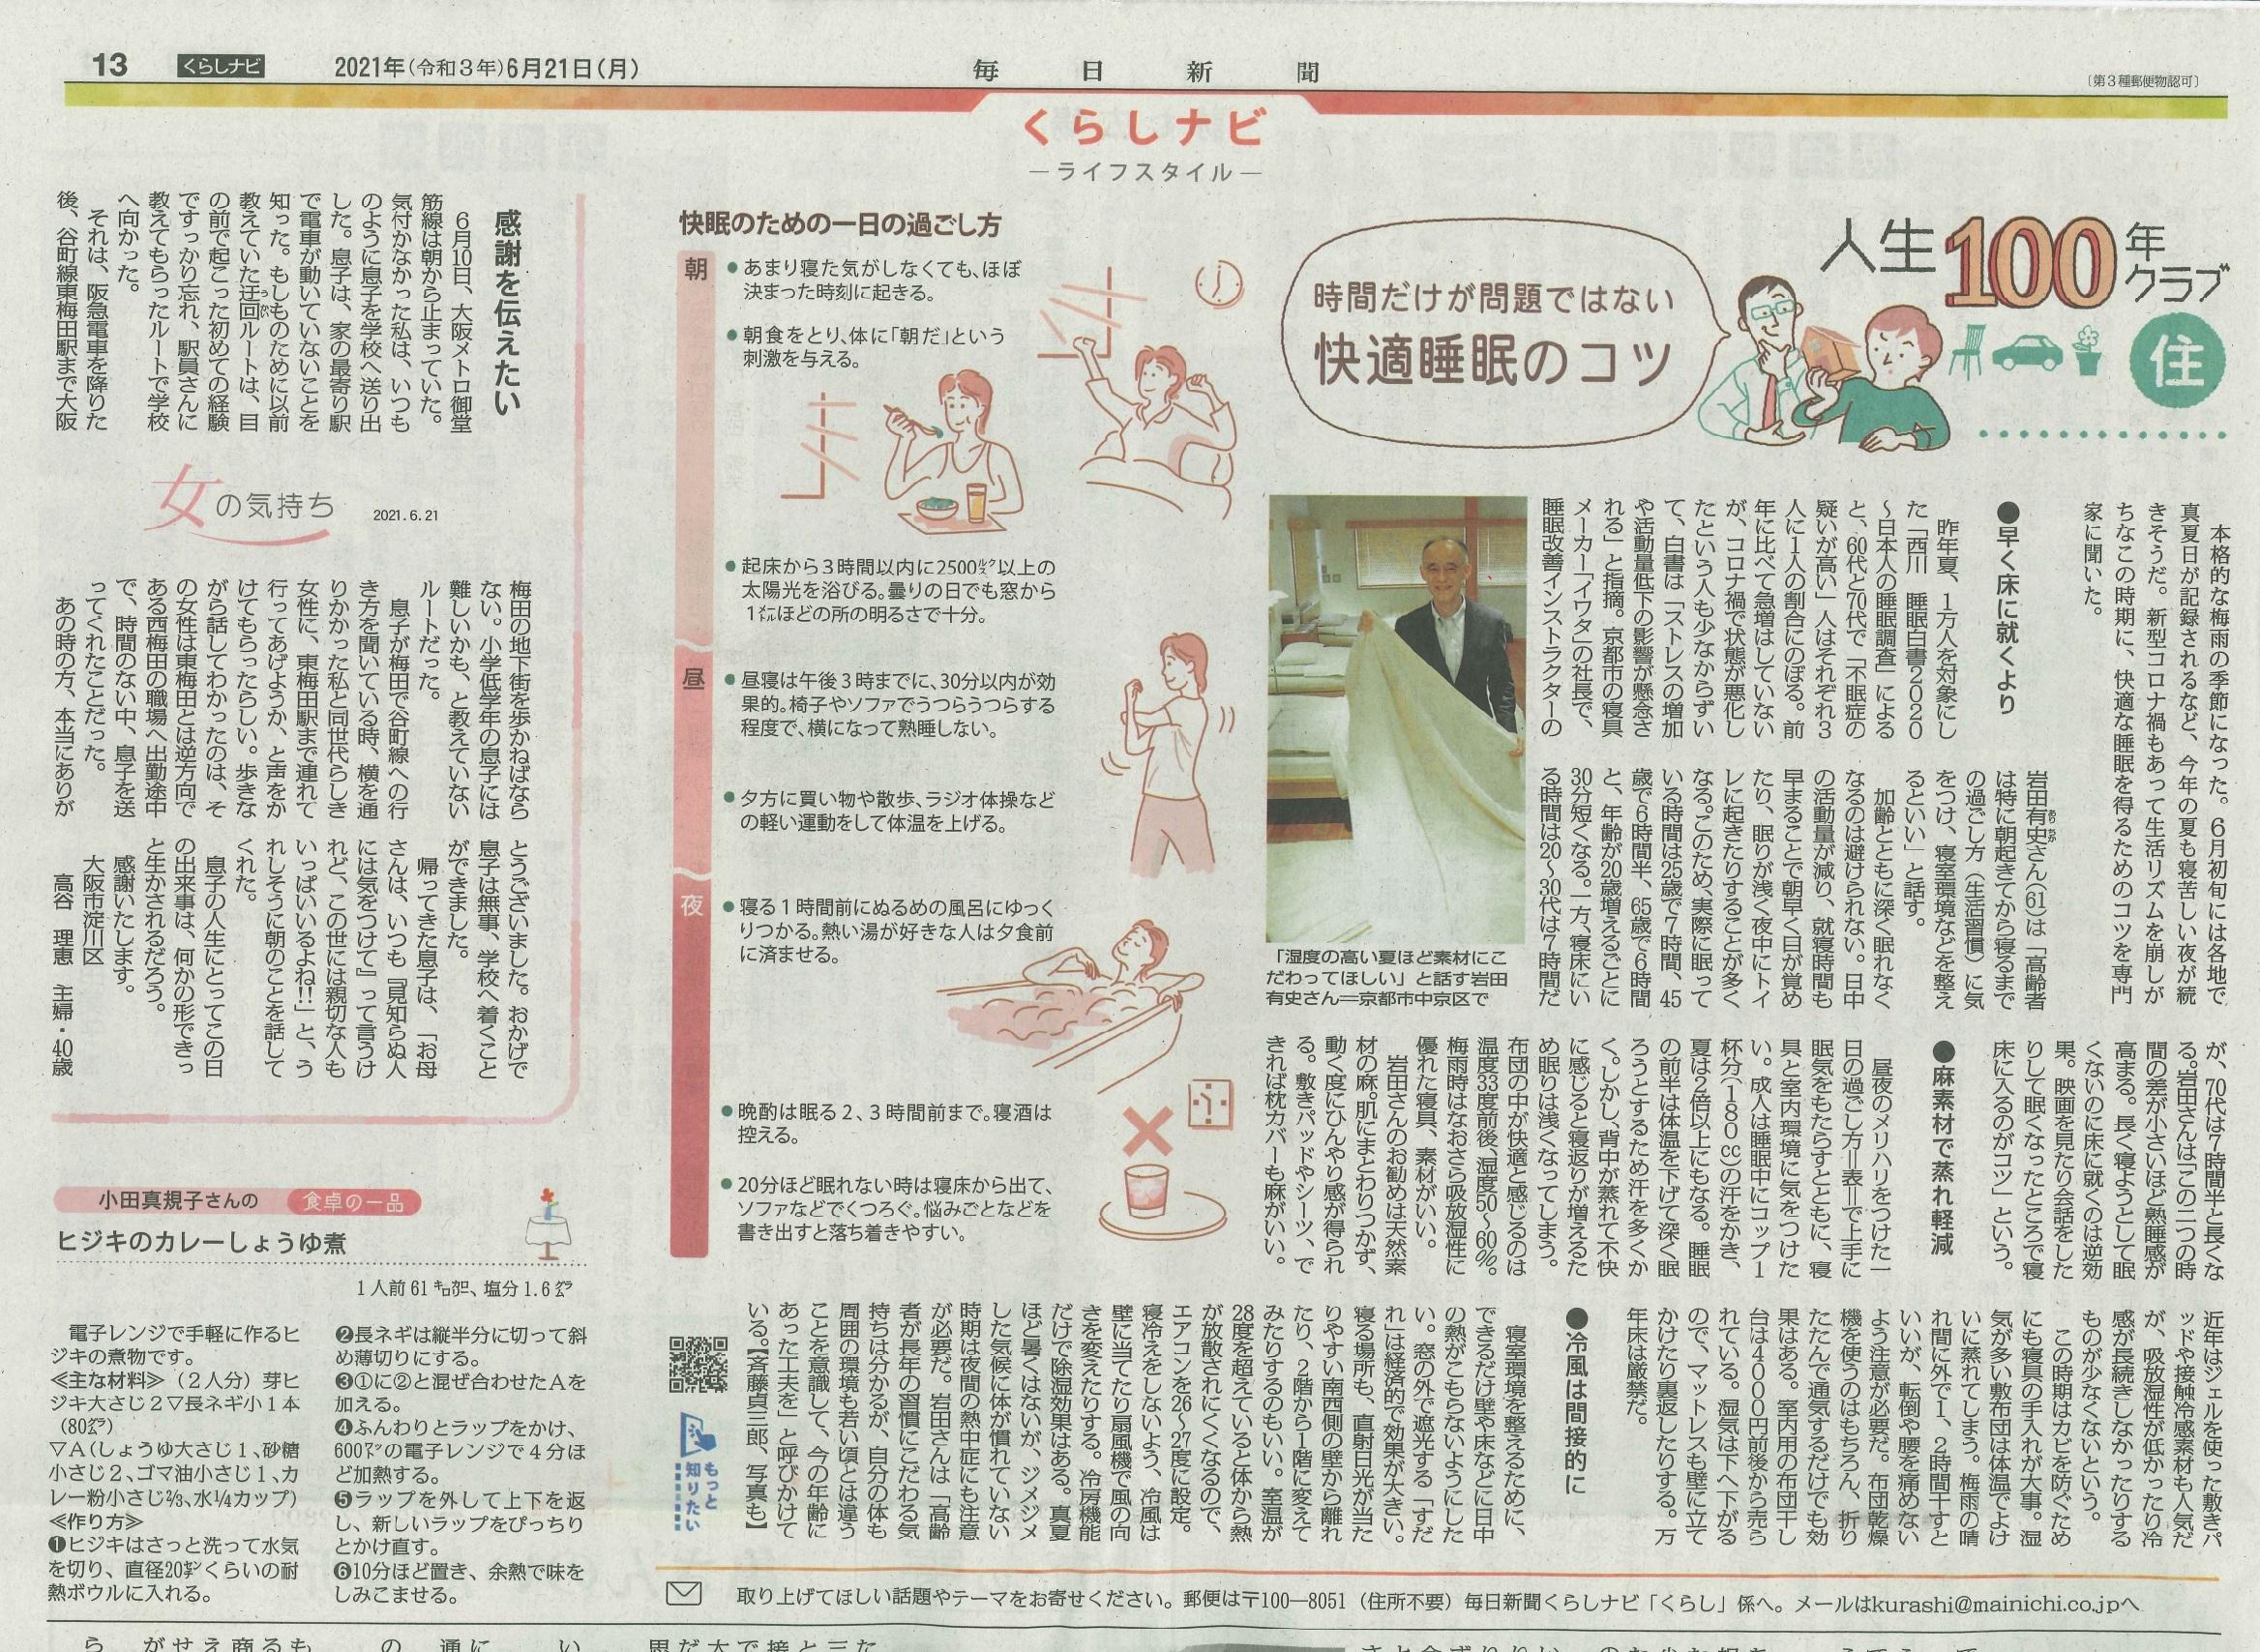 【掲載誌情報】毎日新聞に掲載されました。